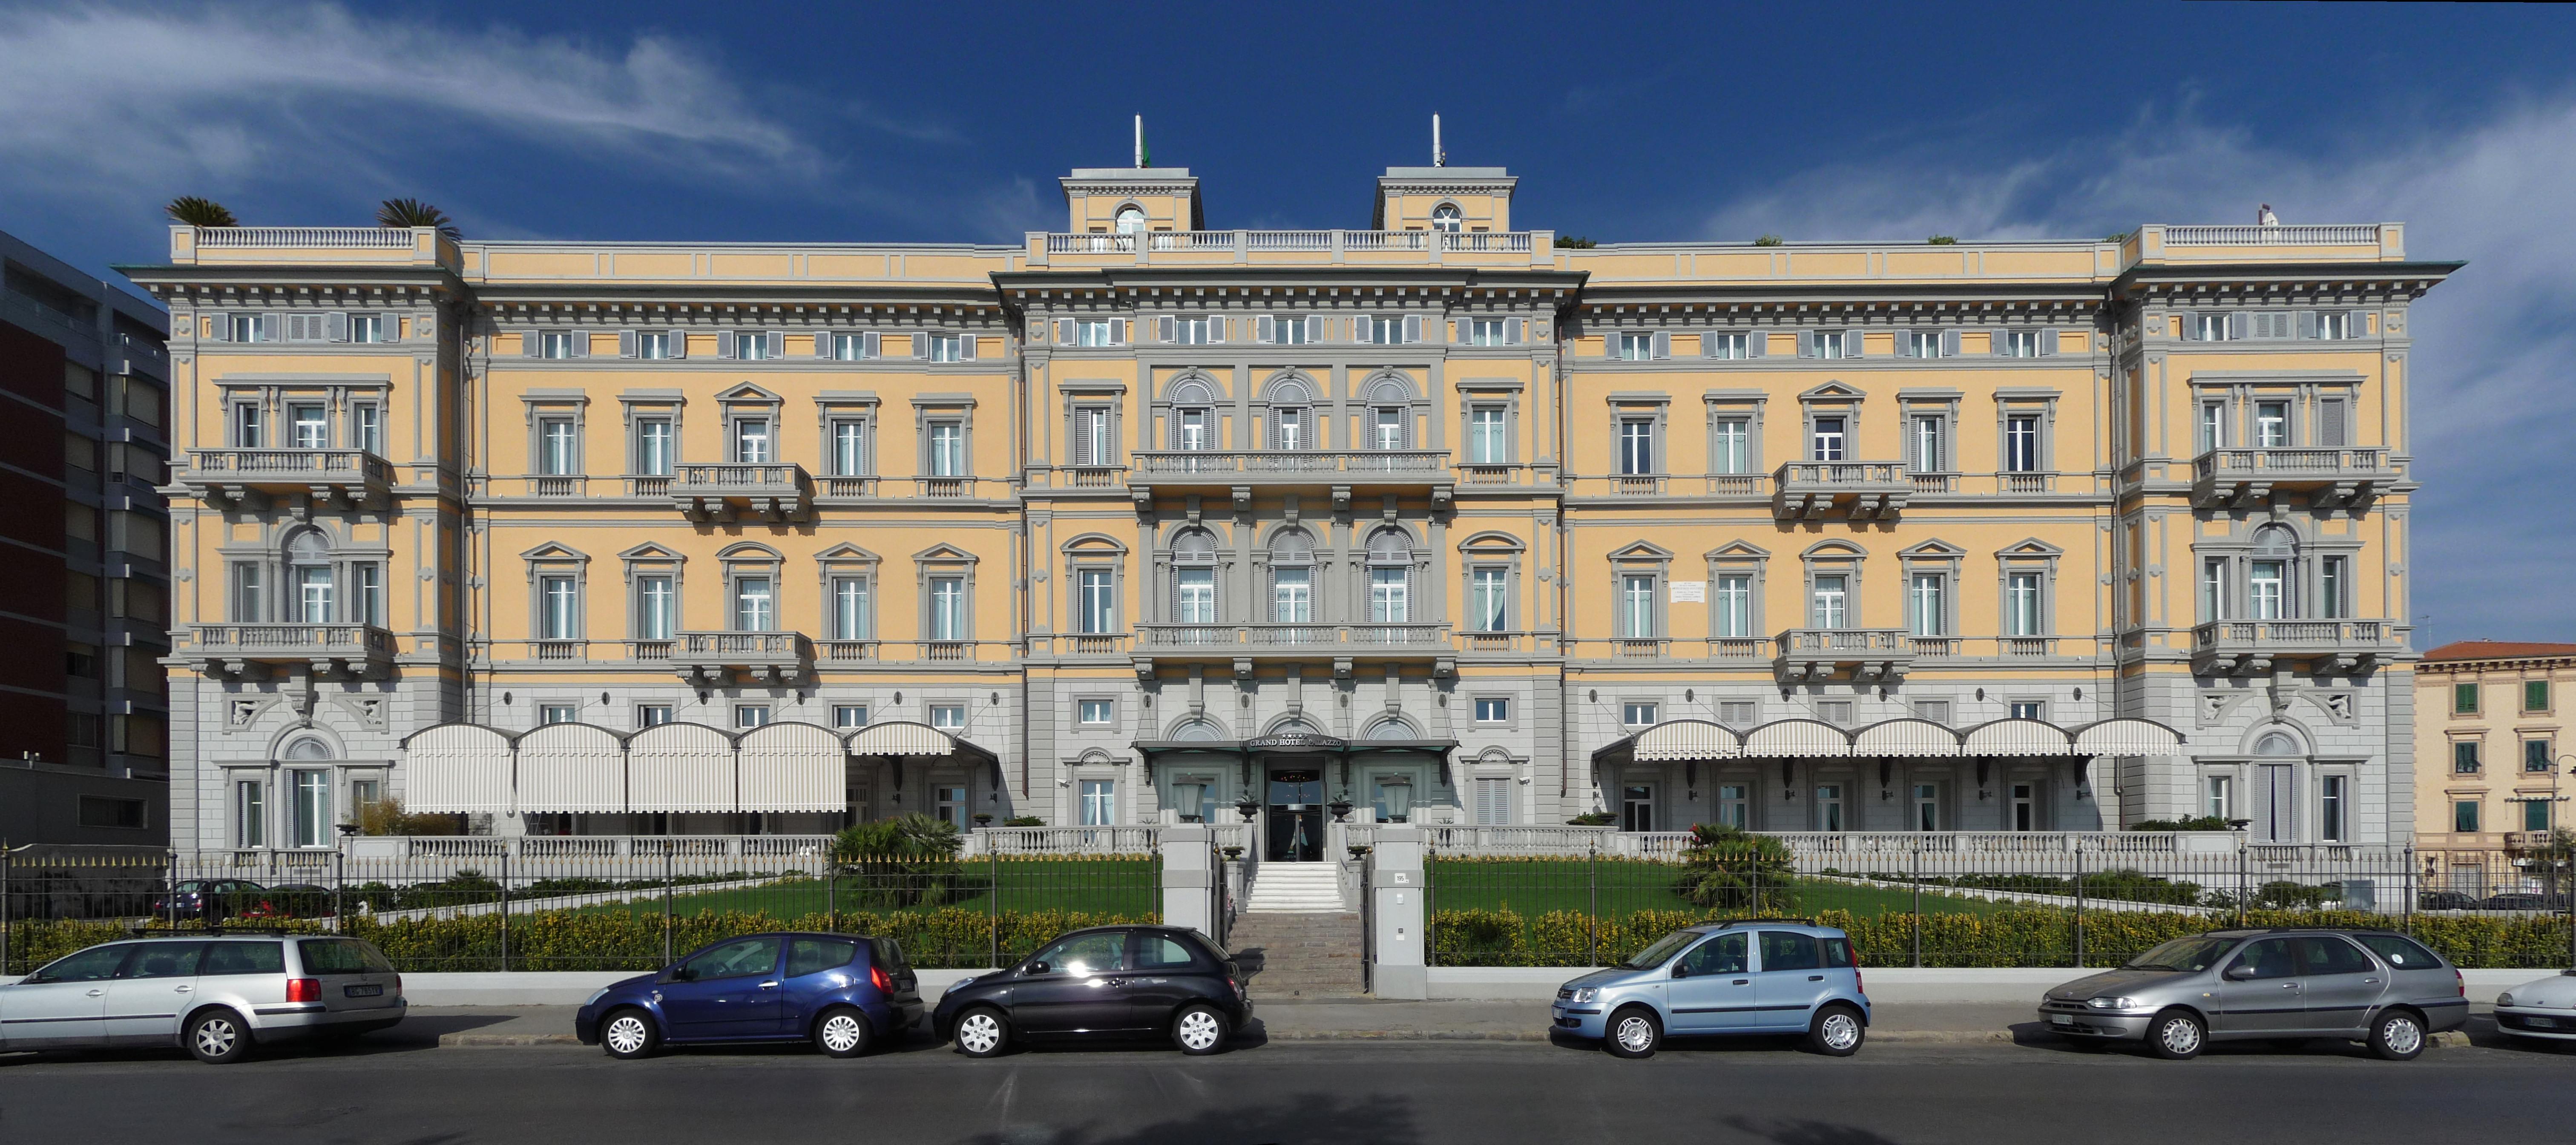 Livorno Grand Hotel Palazzo